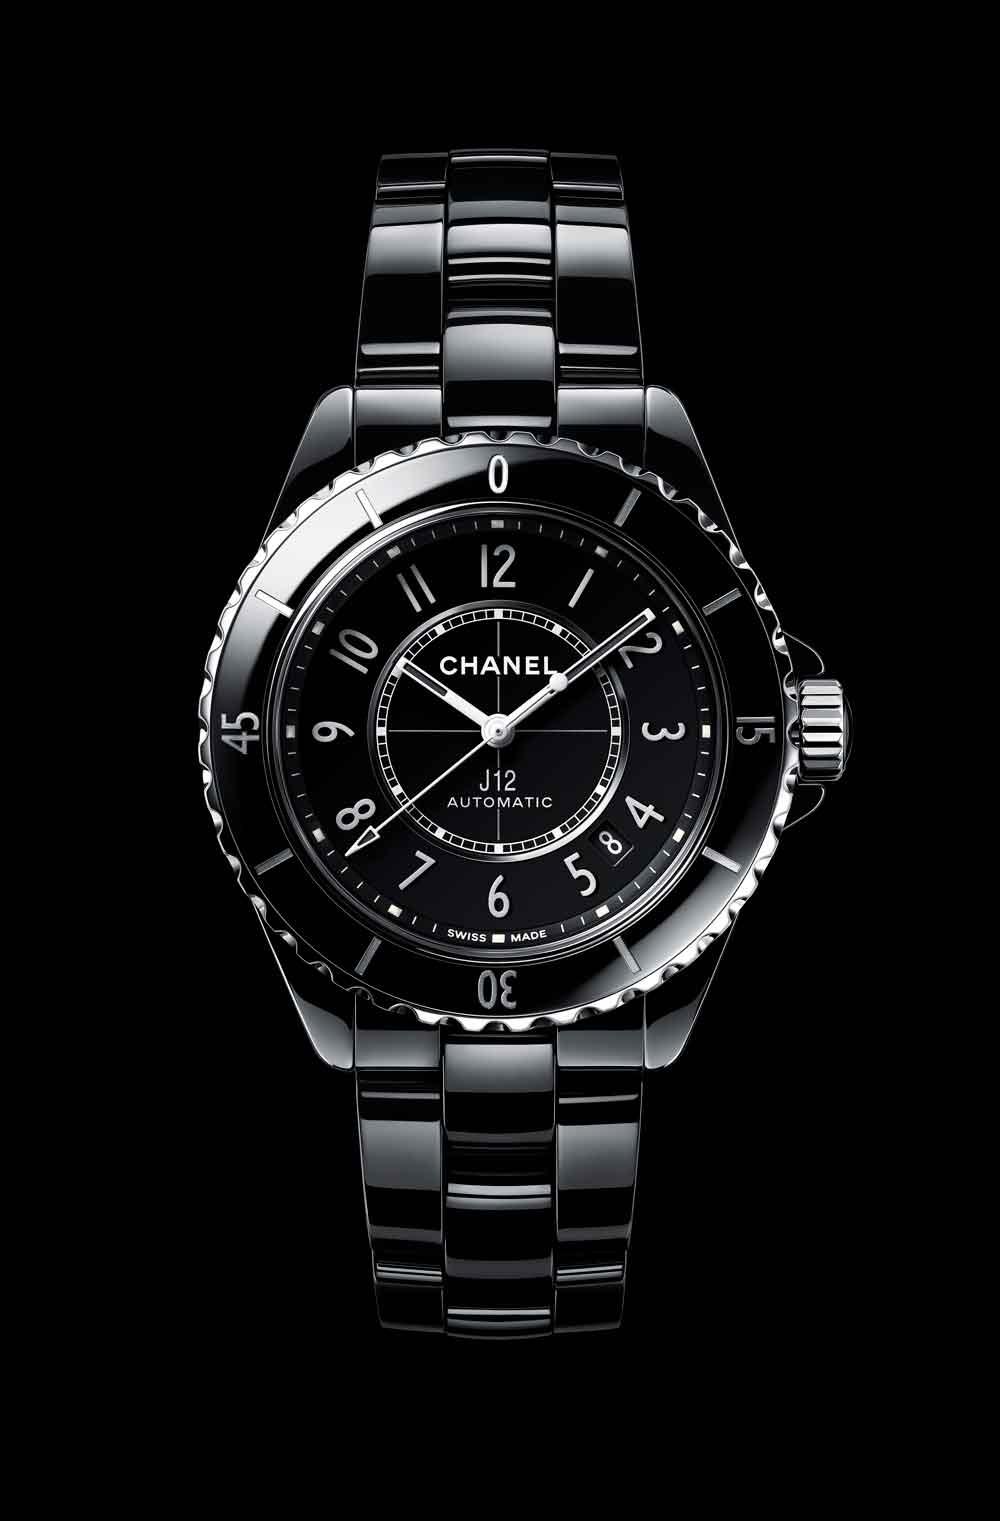 Nuevo reloj Chanel J12 cerámica negra